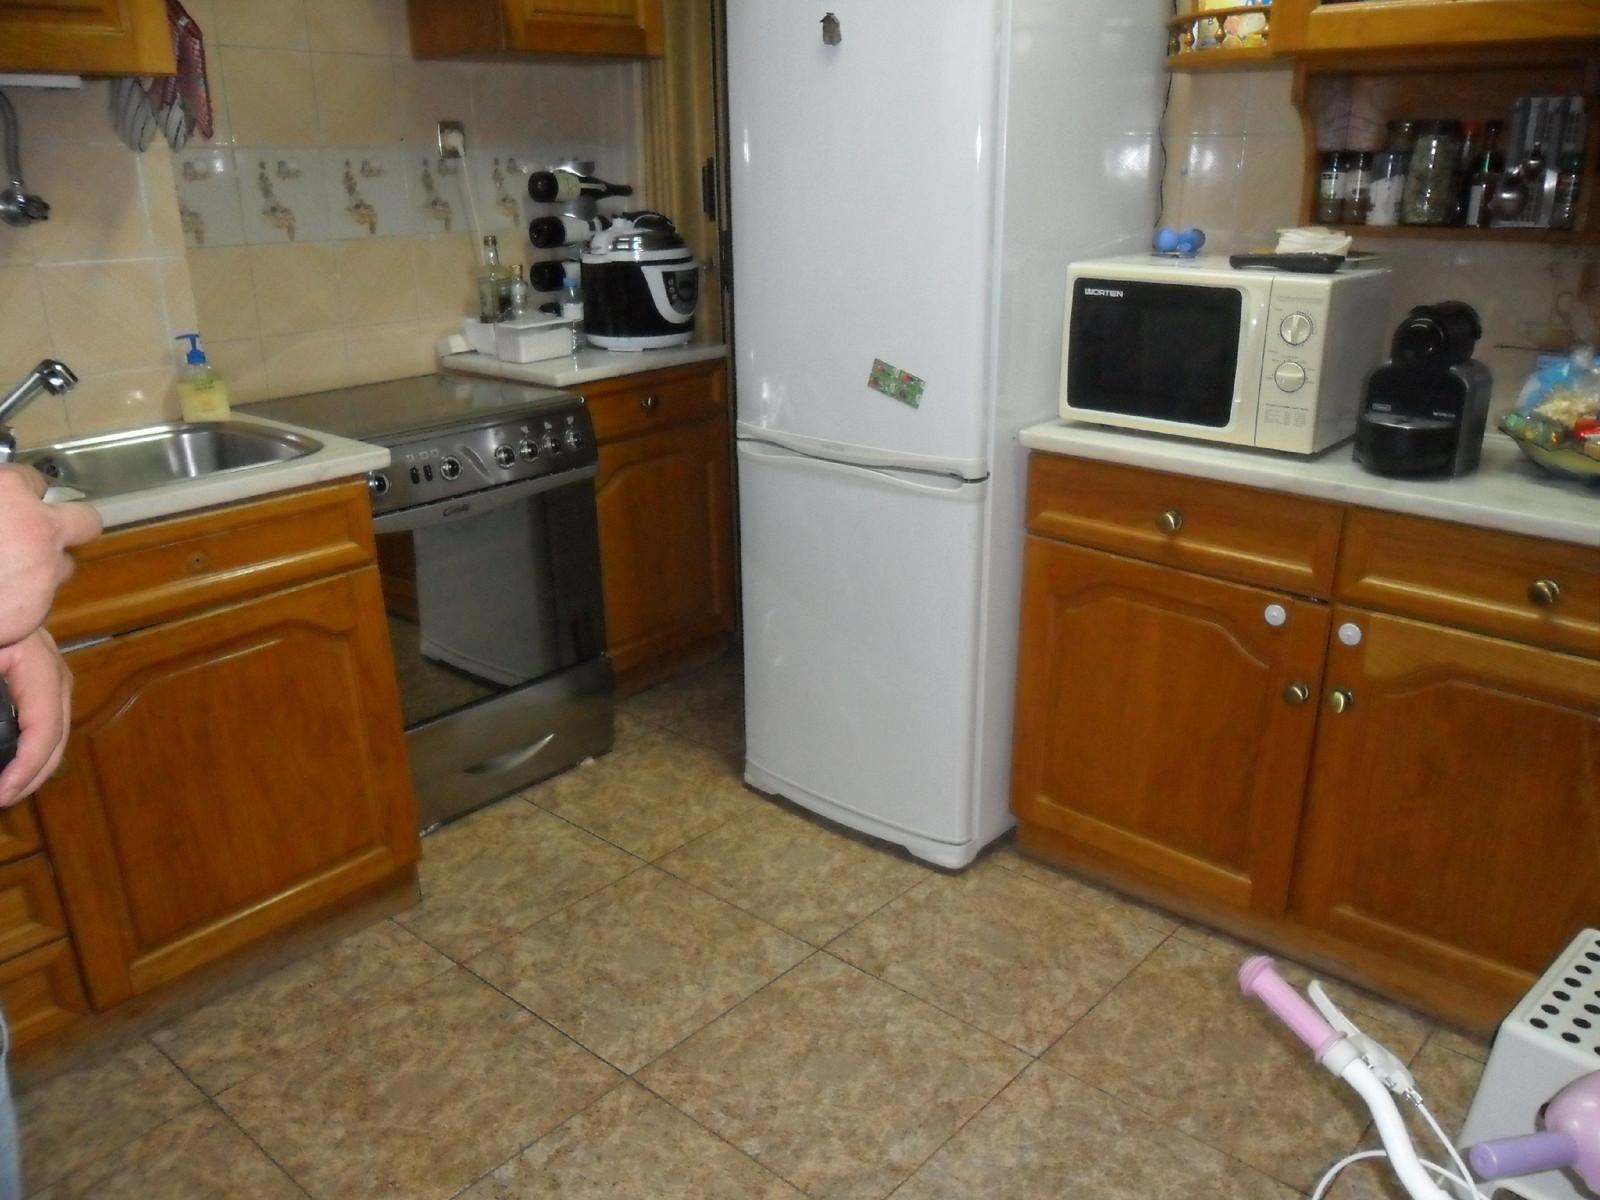 3d Projeto De Decoracao 3d Cozinha Vista Geral Modelo 3d Projeto De #69390E 1600 1200